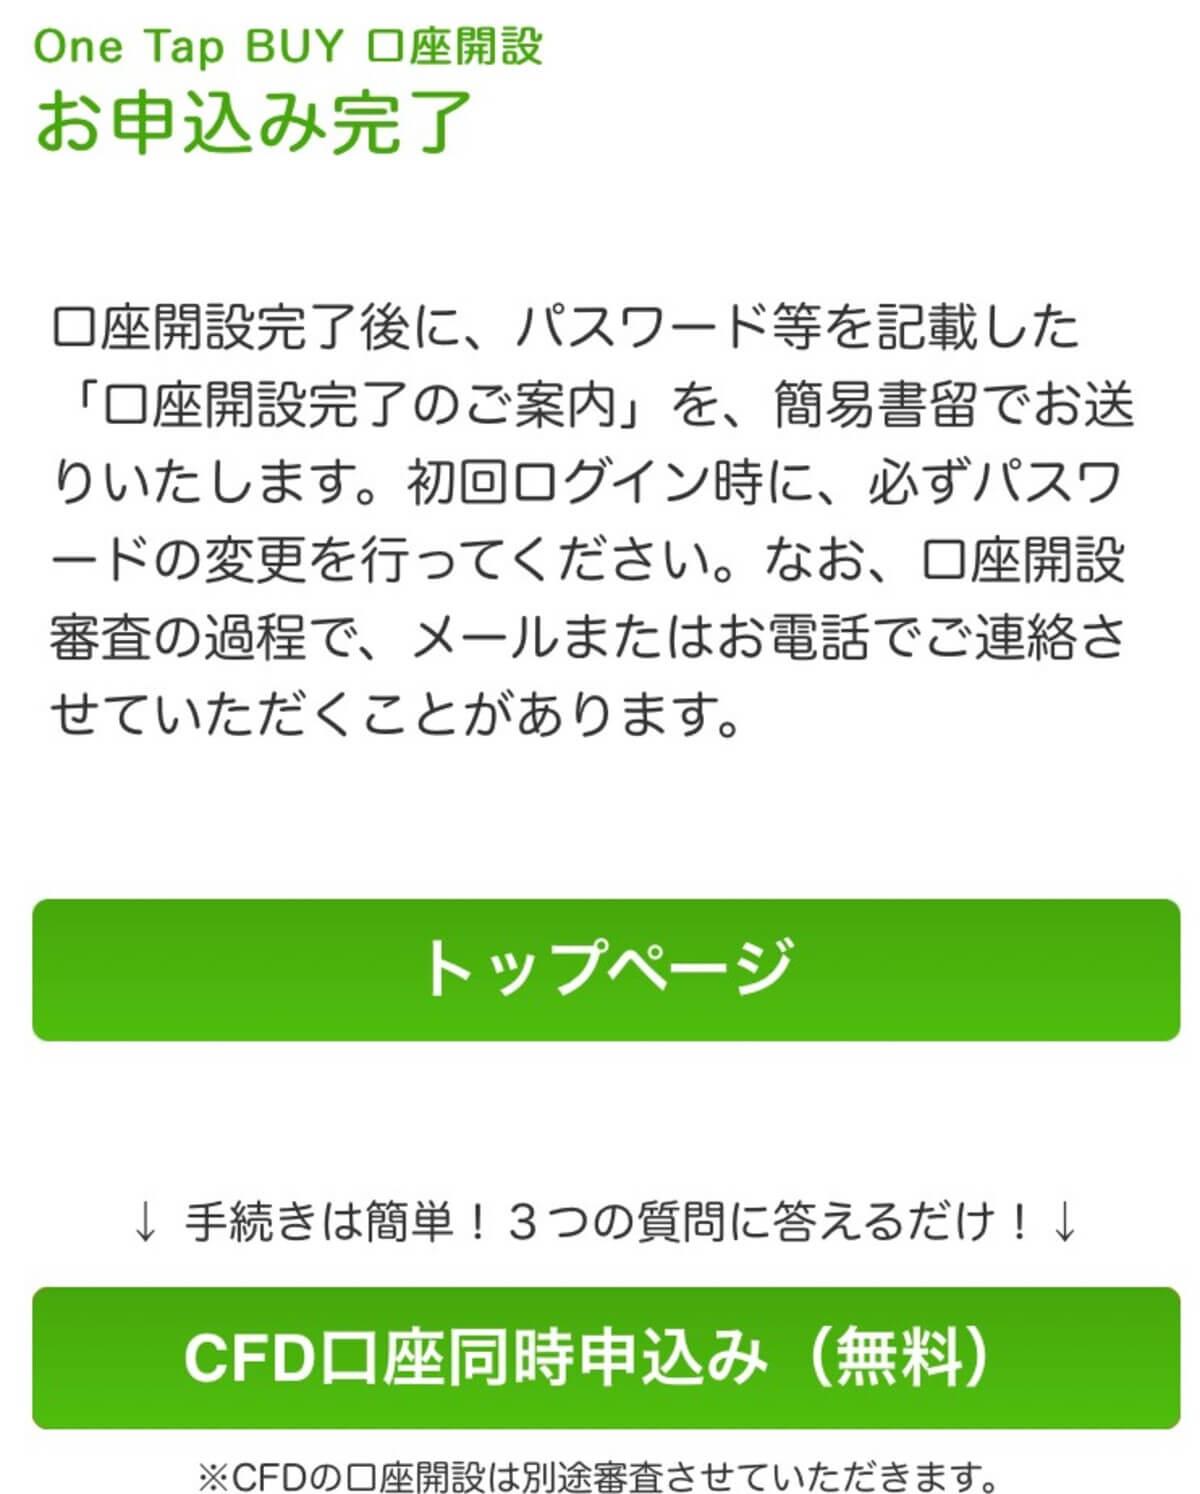 届いたID・パスワードでアプリにログイン